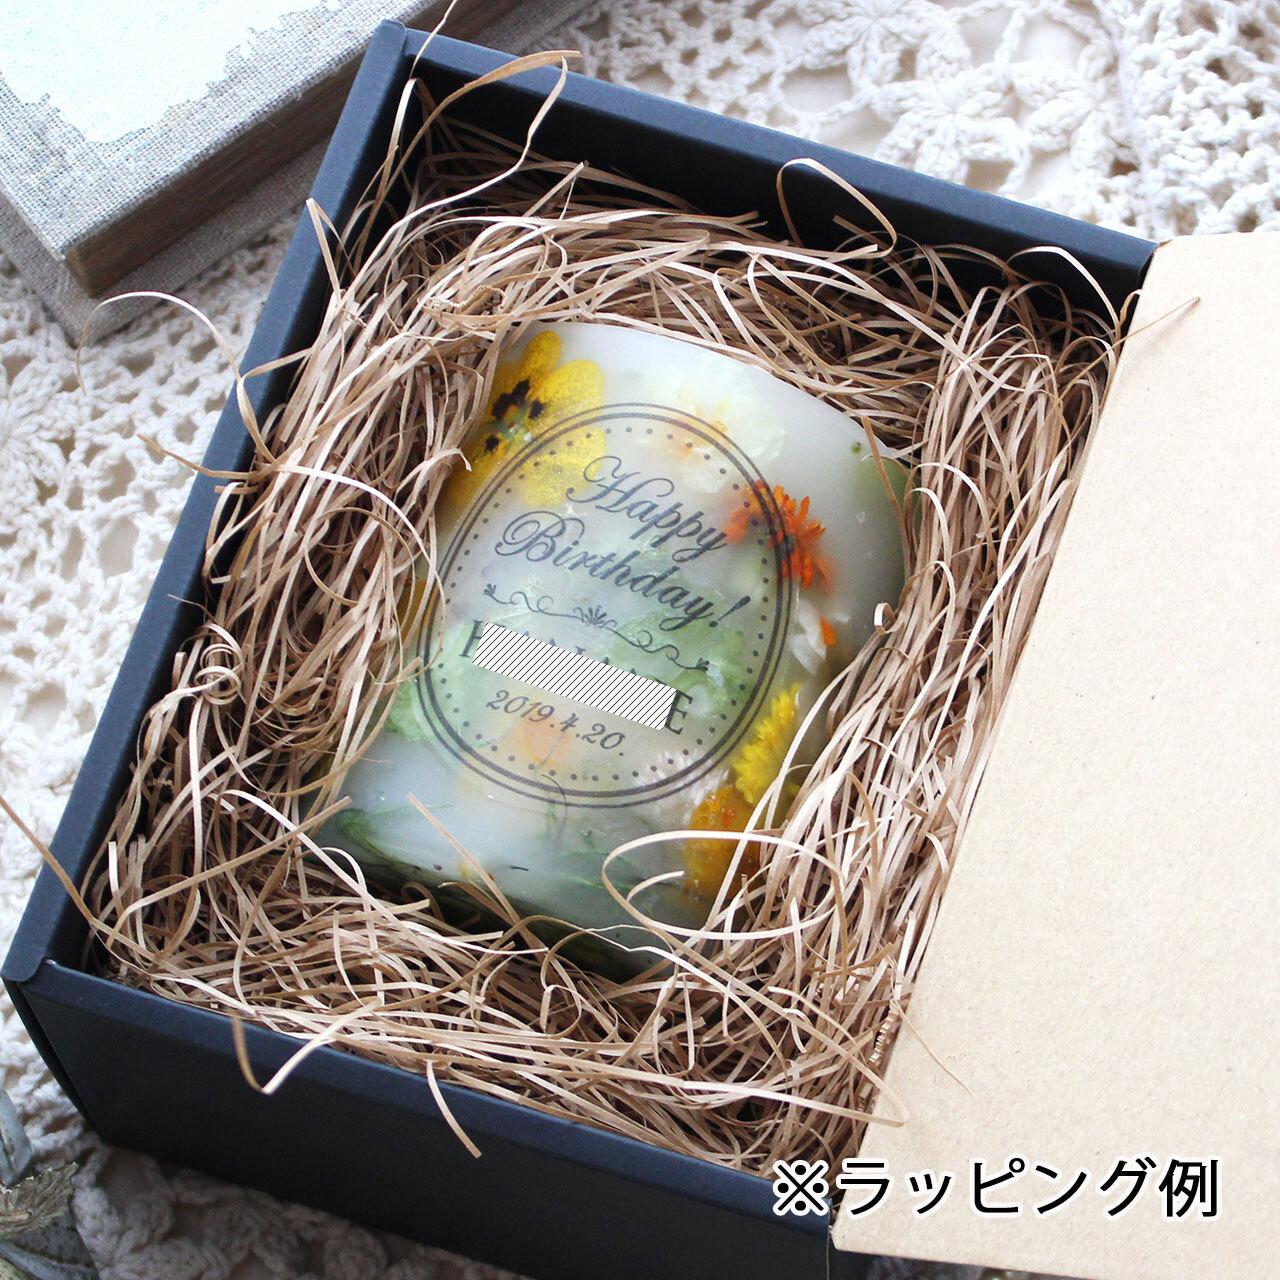 NC259 ギフトラッピング付き☆メッセージ&日付&名入れボタニカルキャンドル ローズ